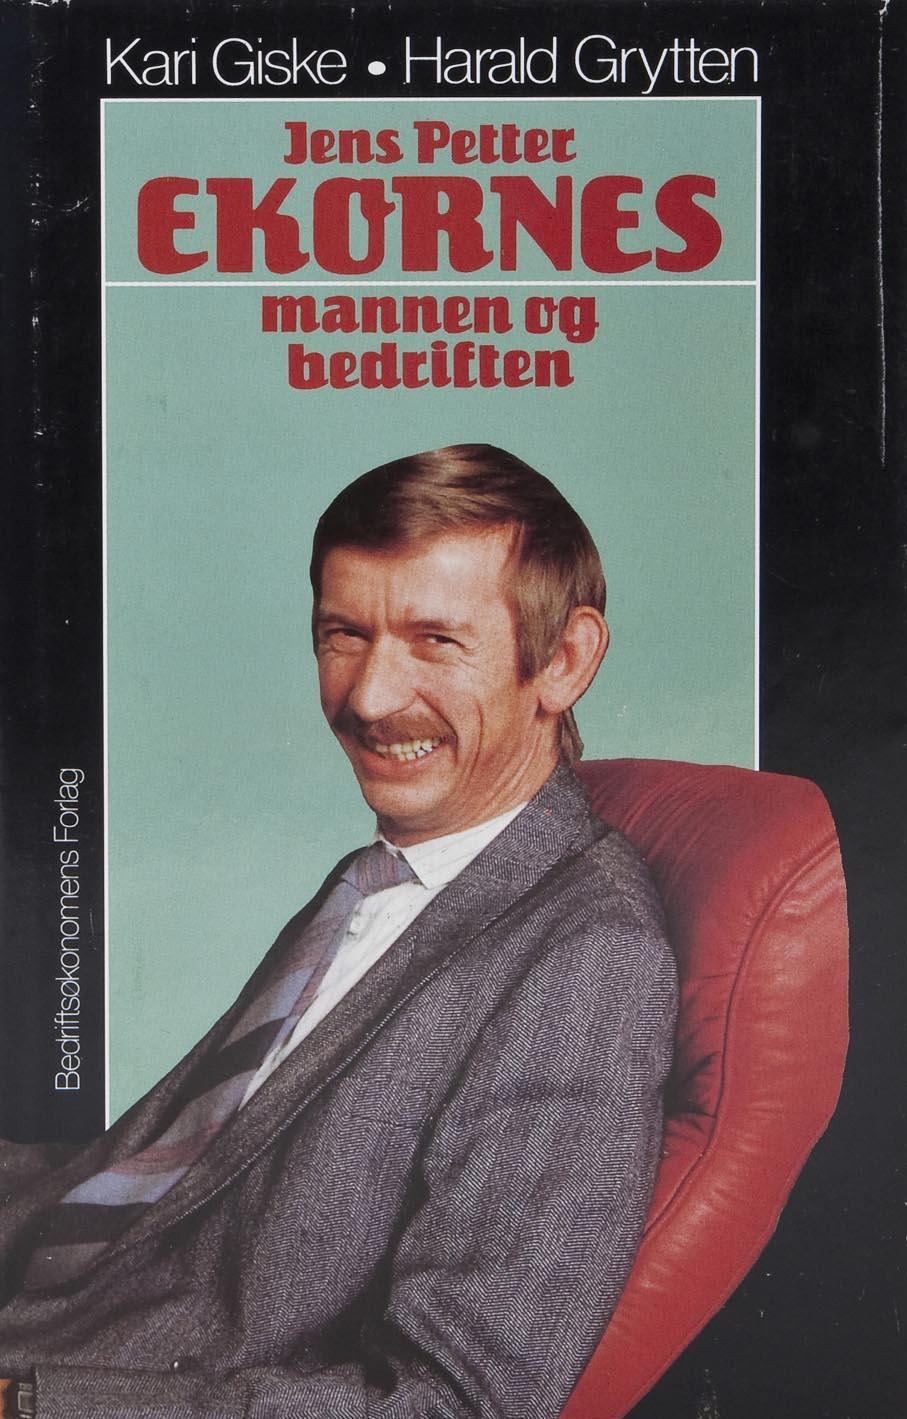 Kari Giske og Harald Grytten. Jens Petter Ekornes: mannen og bedriften. Bedriftsøkonomenes Forlag. Oslo, 1987.